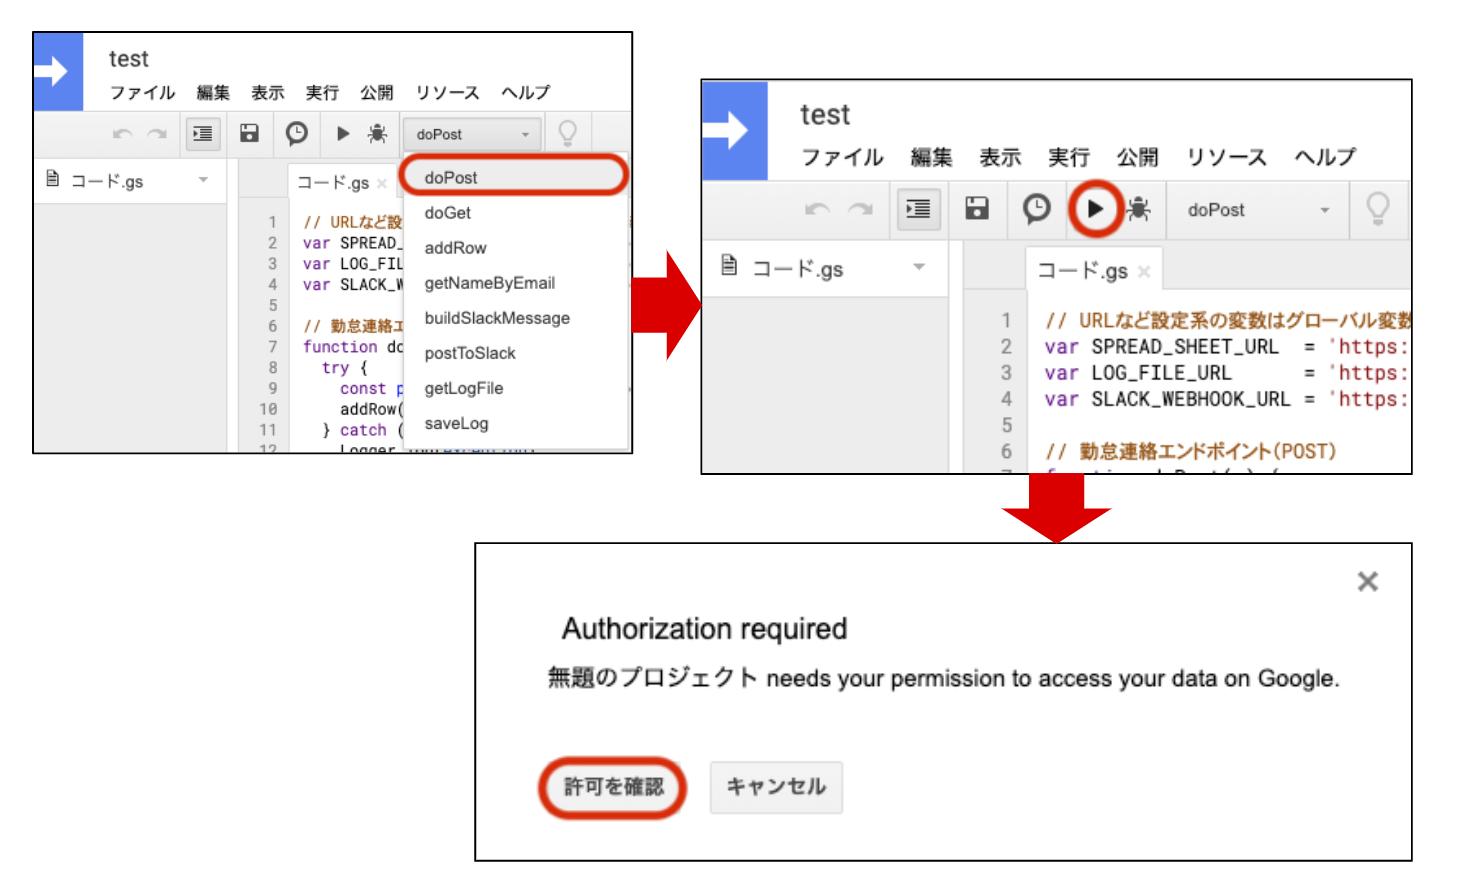 doPost関数を一度実行し、Googleのデータへのアクセスの権限の許可を確認する